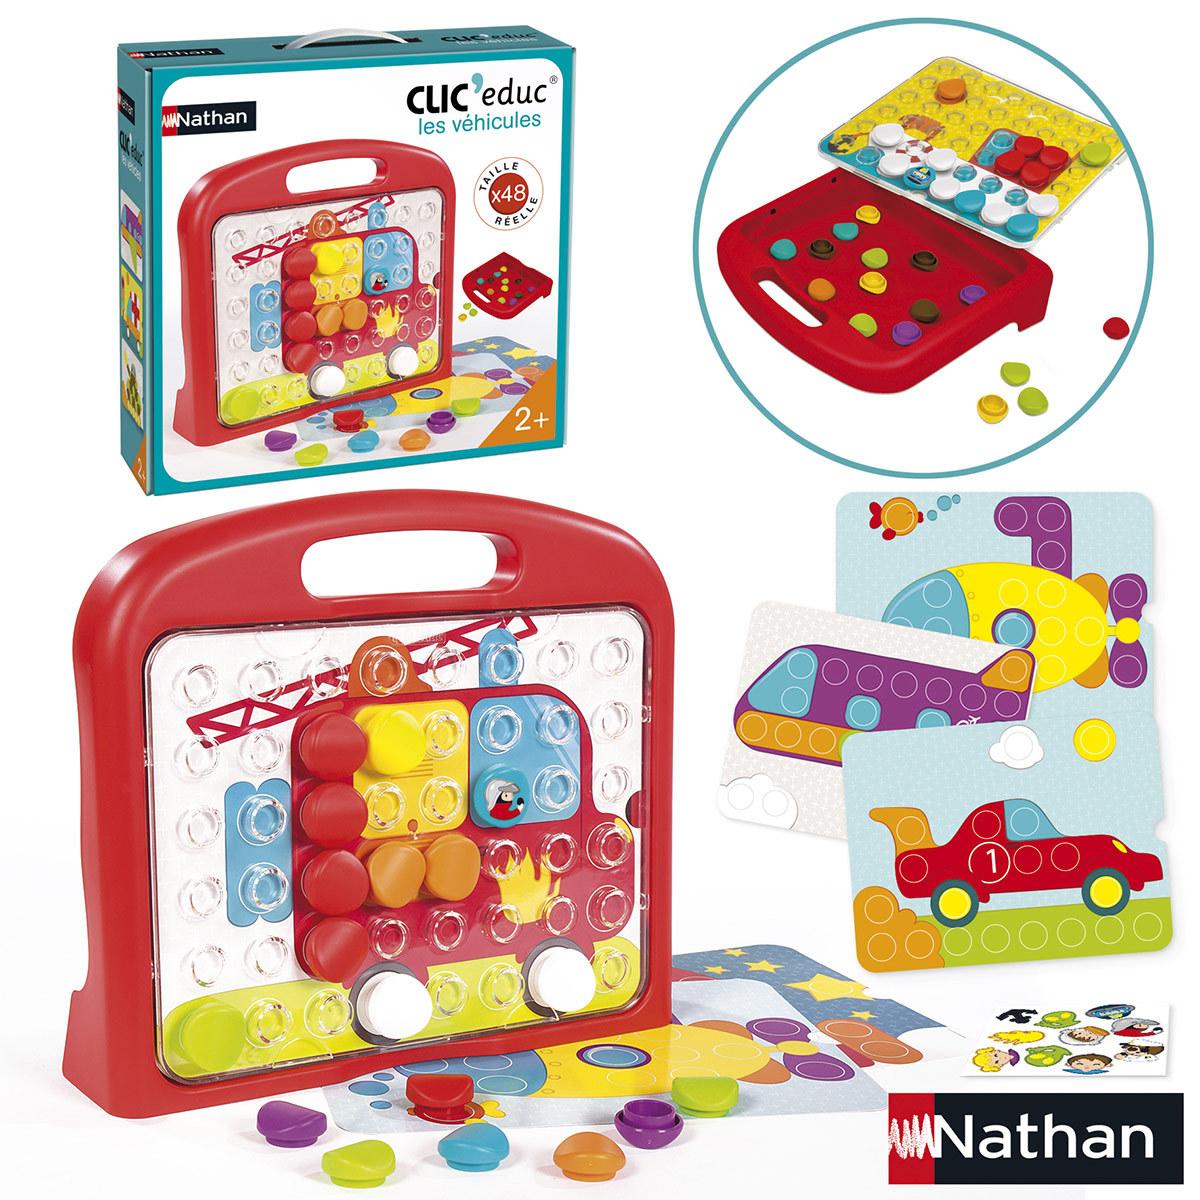 Mes premiers jouets Clic' educ Véhicules Clic' educ Véhicules